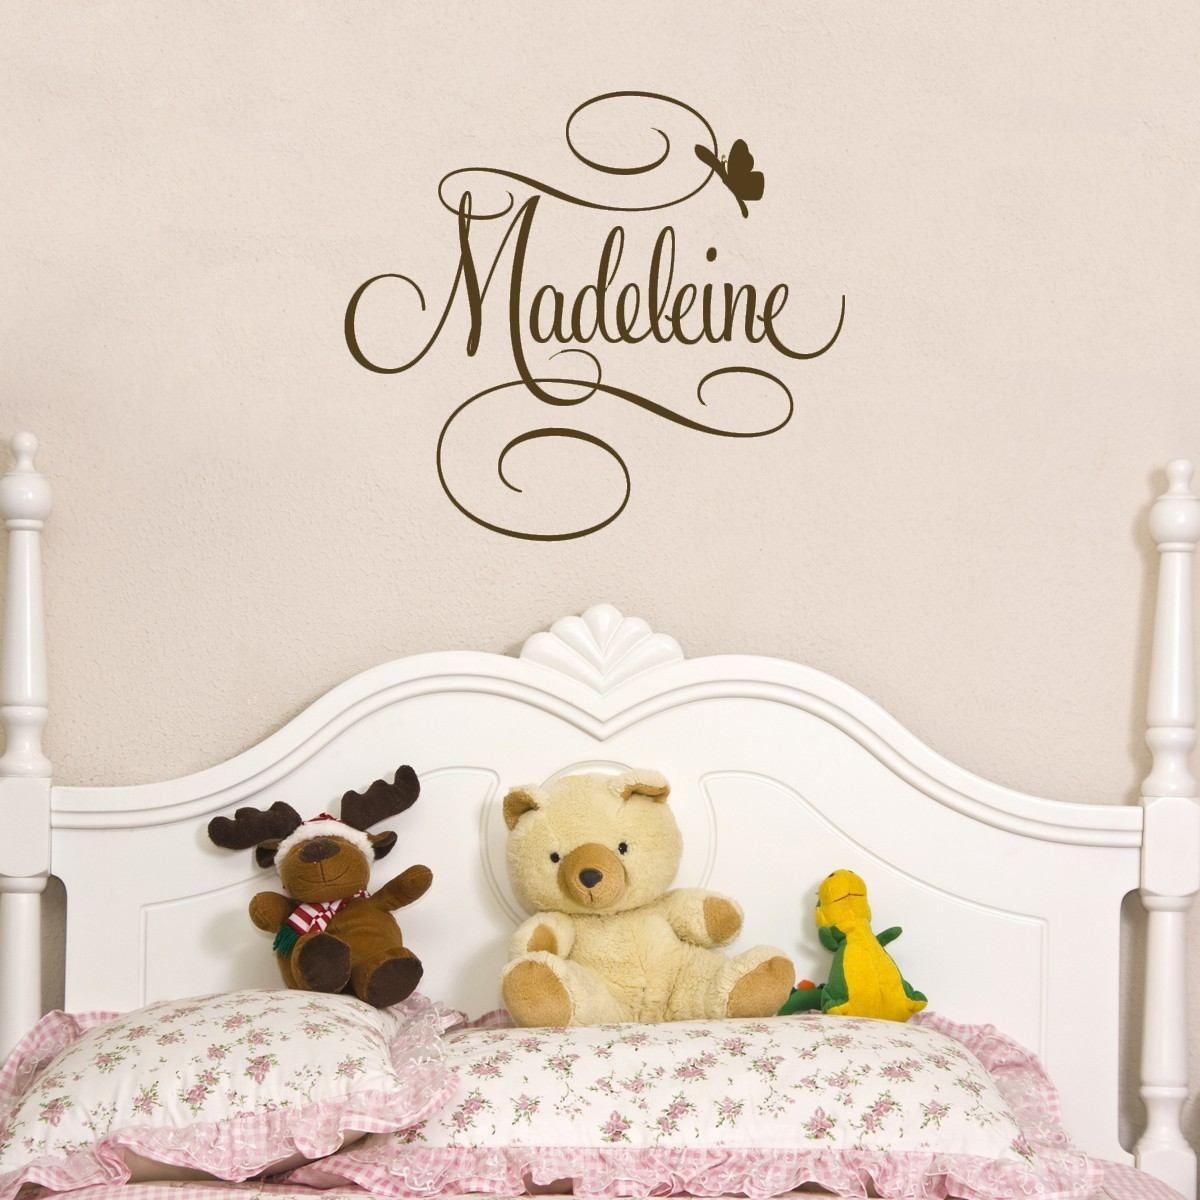 vinilos decorativos infantiles nombres paredes buscar